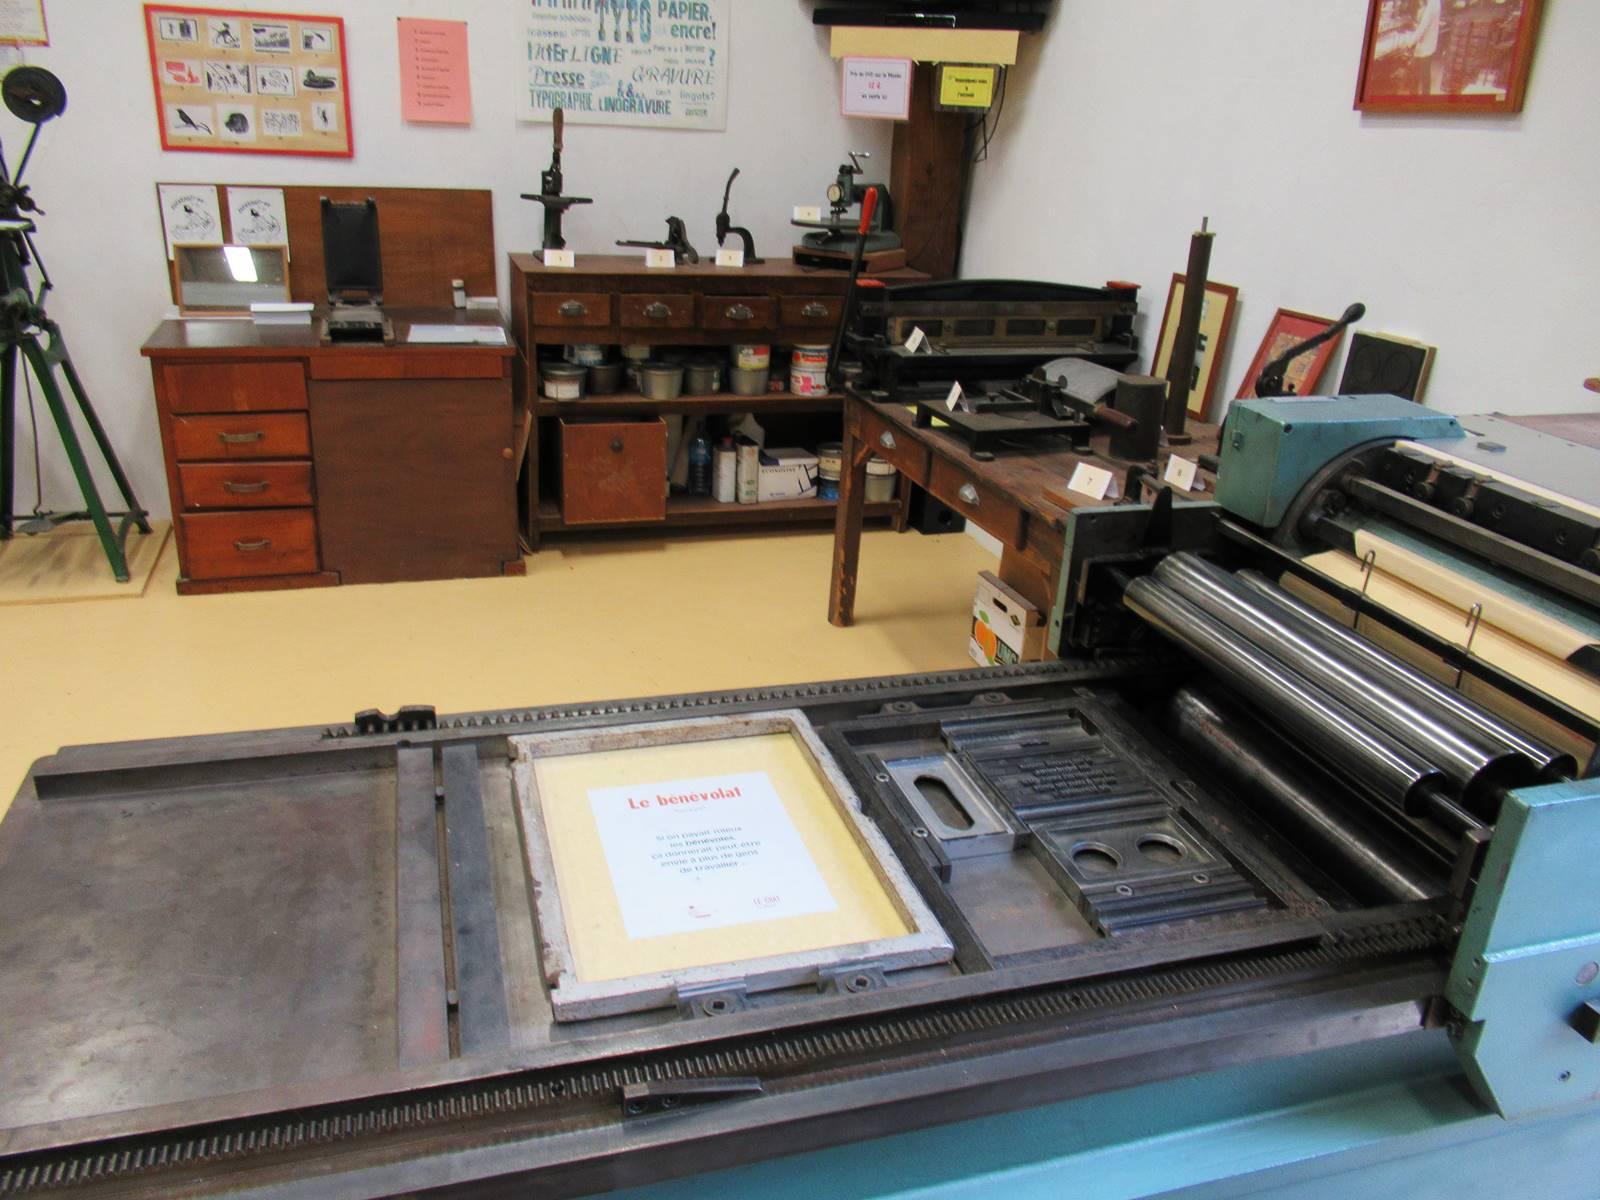 Musee de l imprimerie de blain